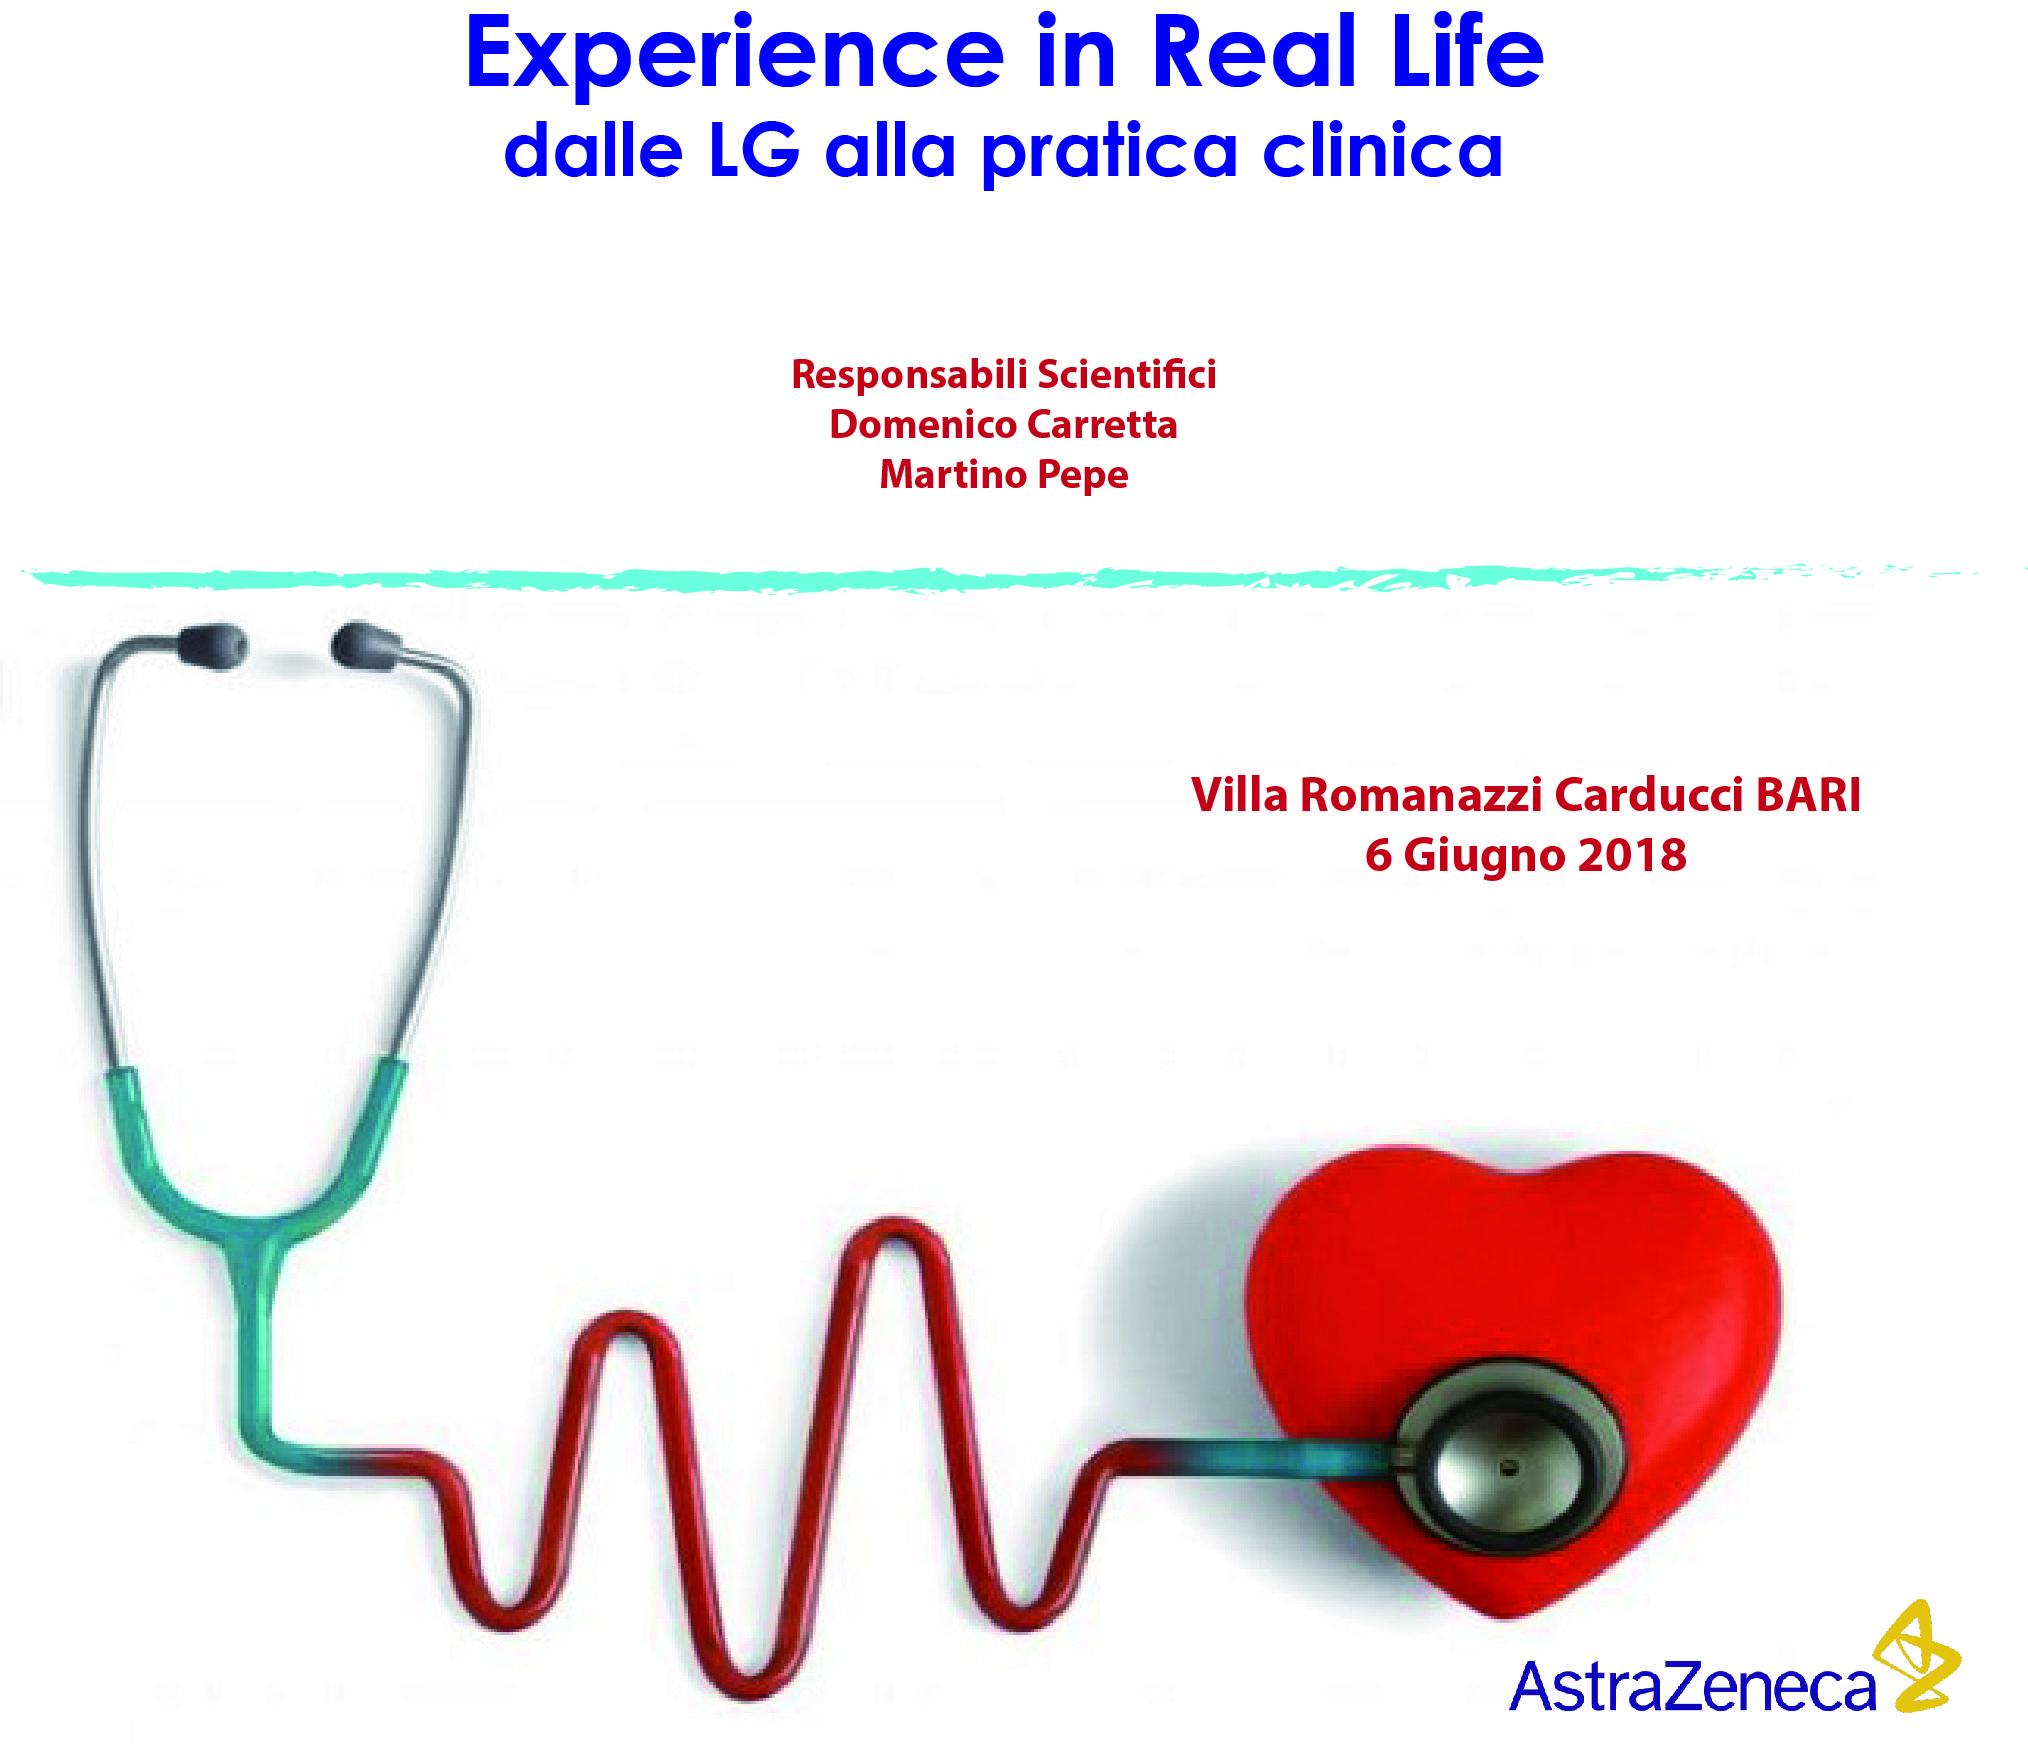 EXPERIENCE IN REAL LIFE: DALLE LG ALLA PRATICA CLINICA 6 Giugno 2018